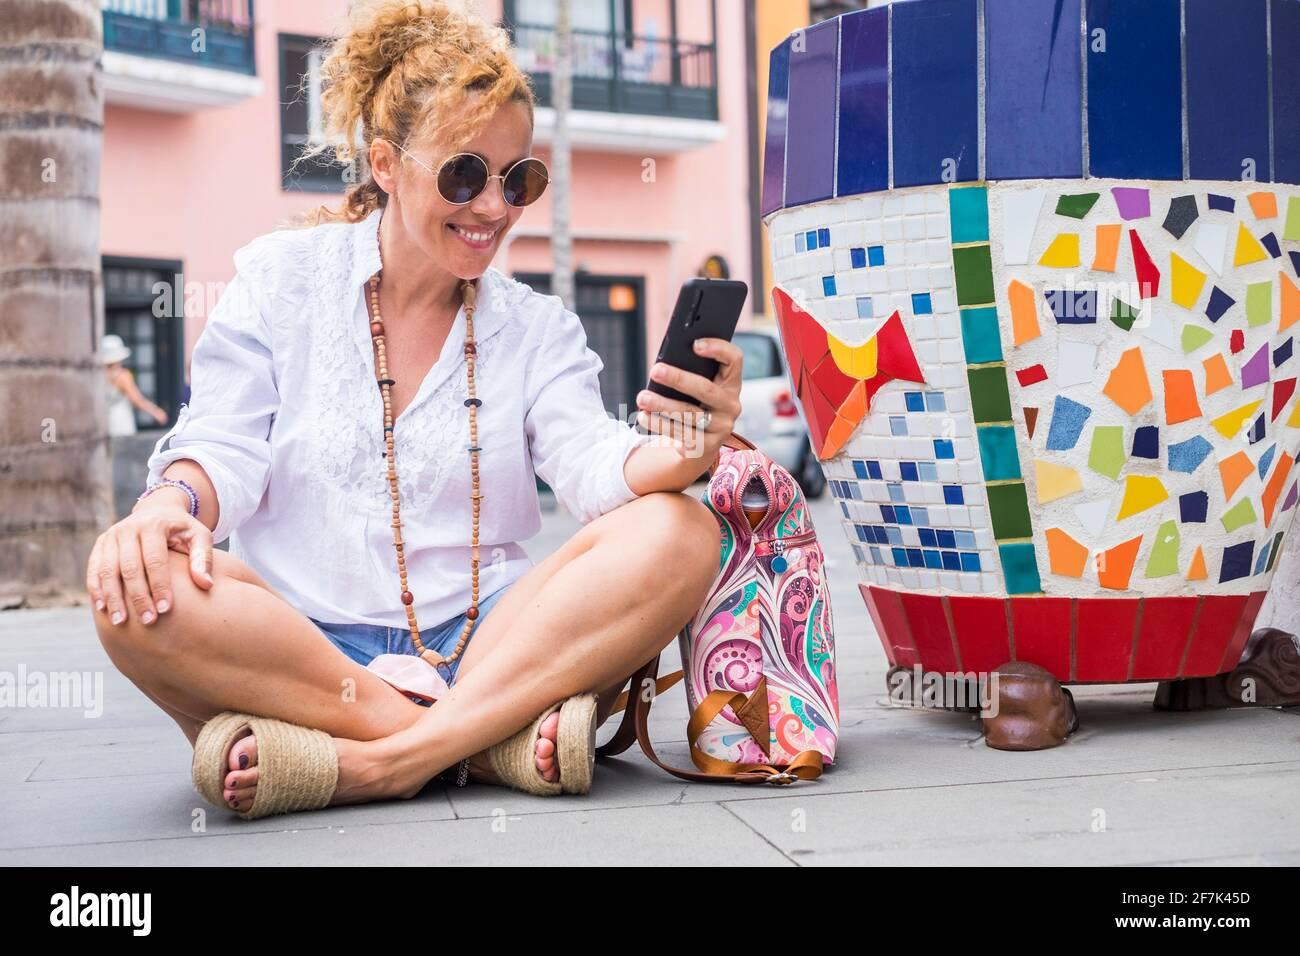 Allegra giovane donna turistica che si abbona a terra nel città e utilizzare la connessione wireless wi-fi gratuito iwith telefono fare una videochiamata in conferenza per frie Foto Stock